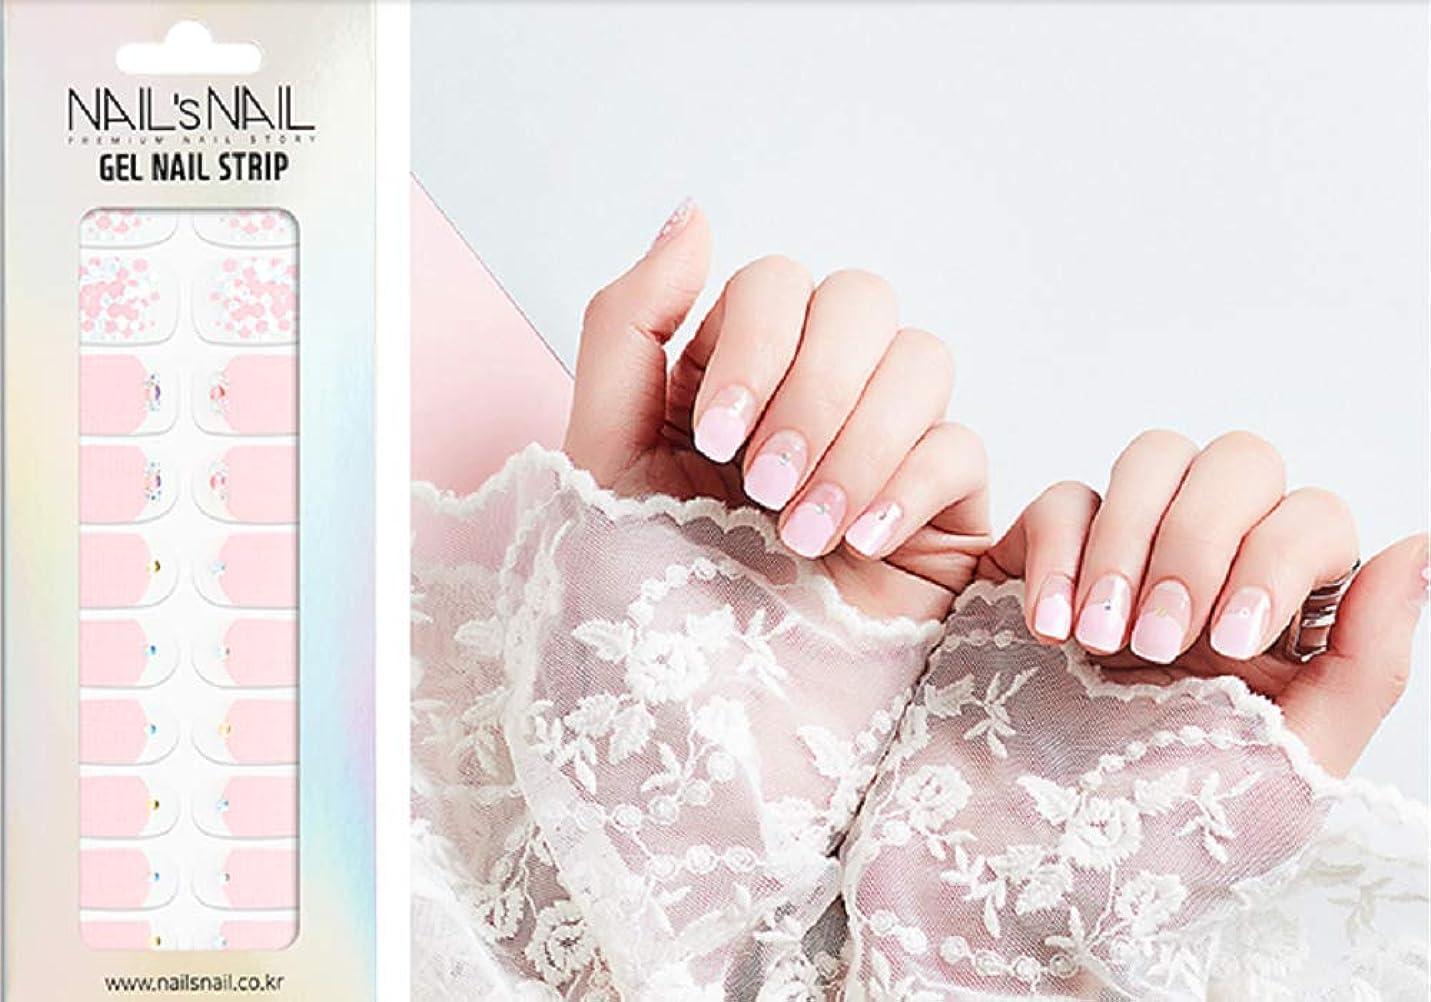 戻す攻撃的努力\貼るジェルネイル/Nail's Nail(ネイルスネイル) ジェルネイルストリップ 55